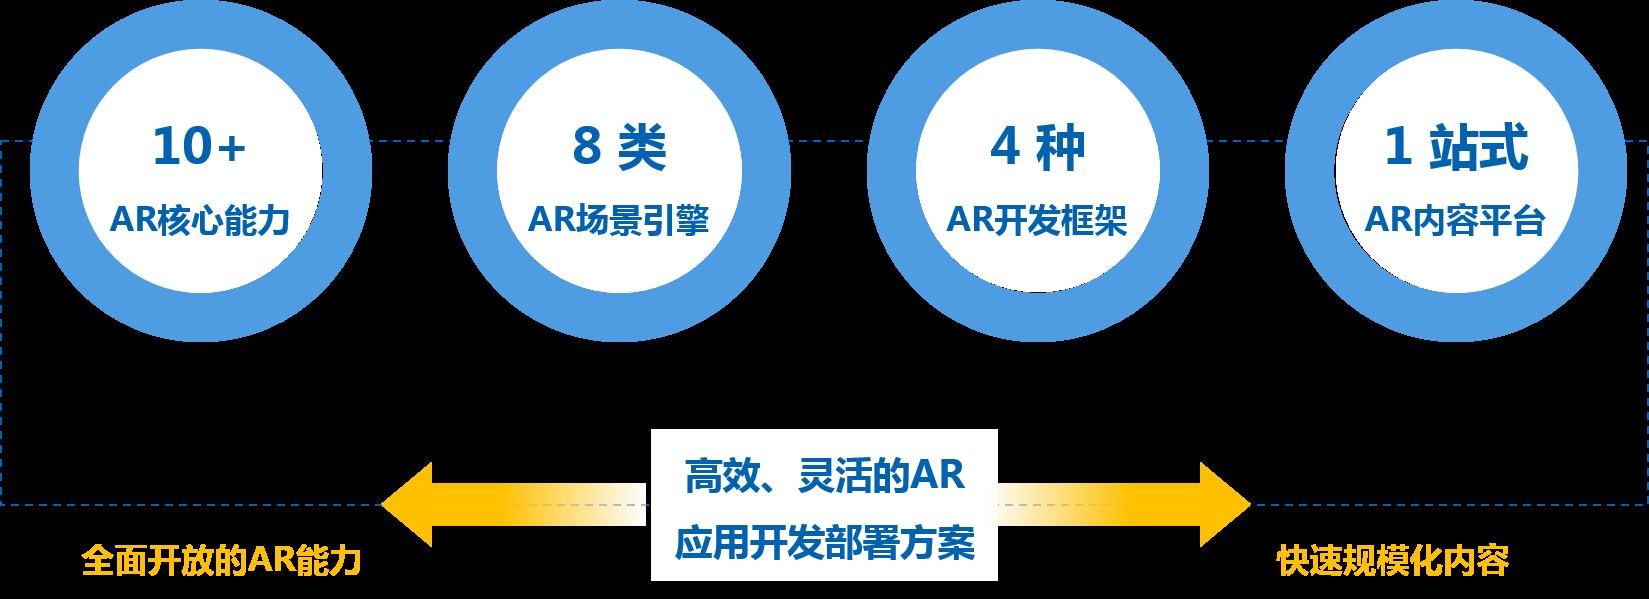 高效、灵活的AR应用部署开发方案